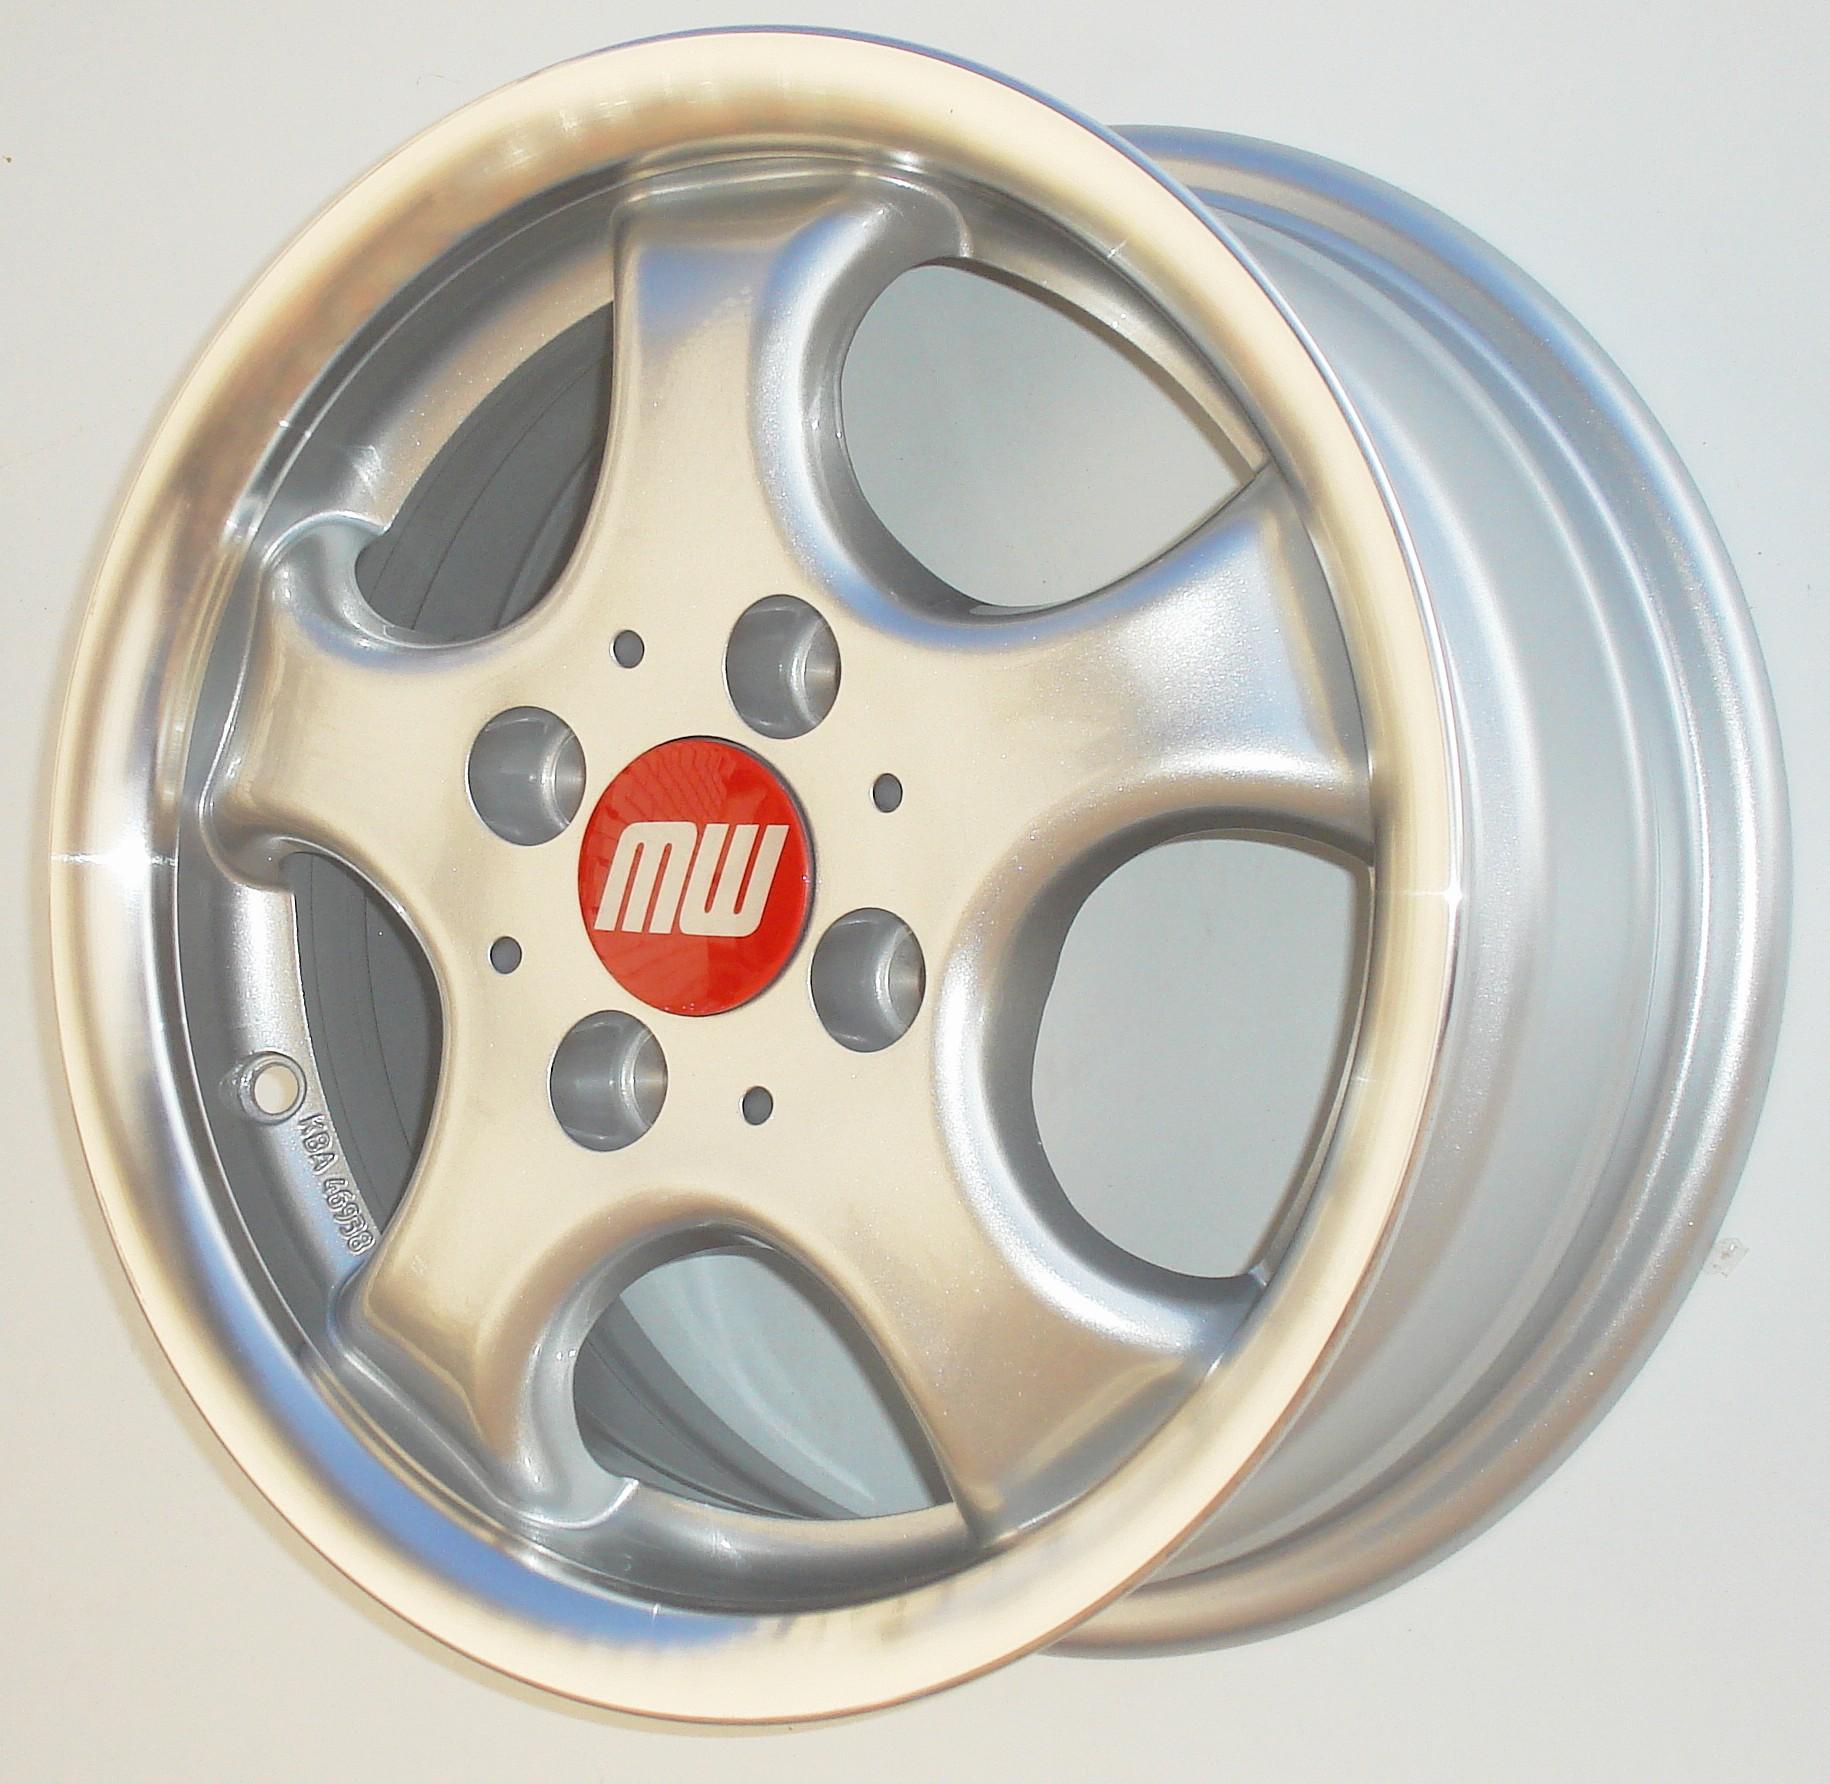 CUP-Rad 6X14 4/100 ET37 -silber metallic  -  zulässige Reifengrössen: 175/65R14, 185/60R14, 195/60R14 mit ABE/Teilegutachten